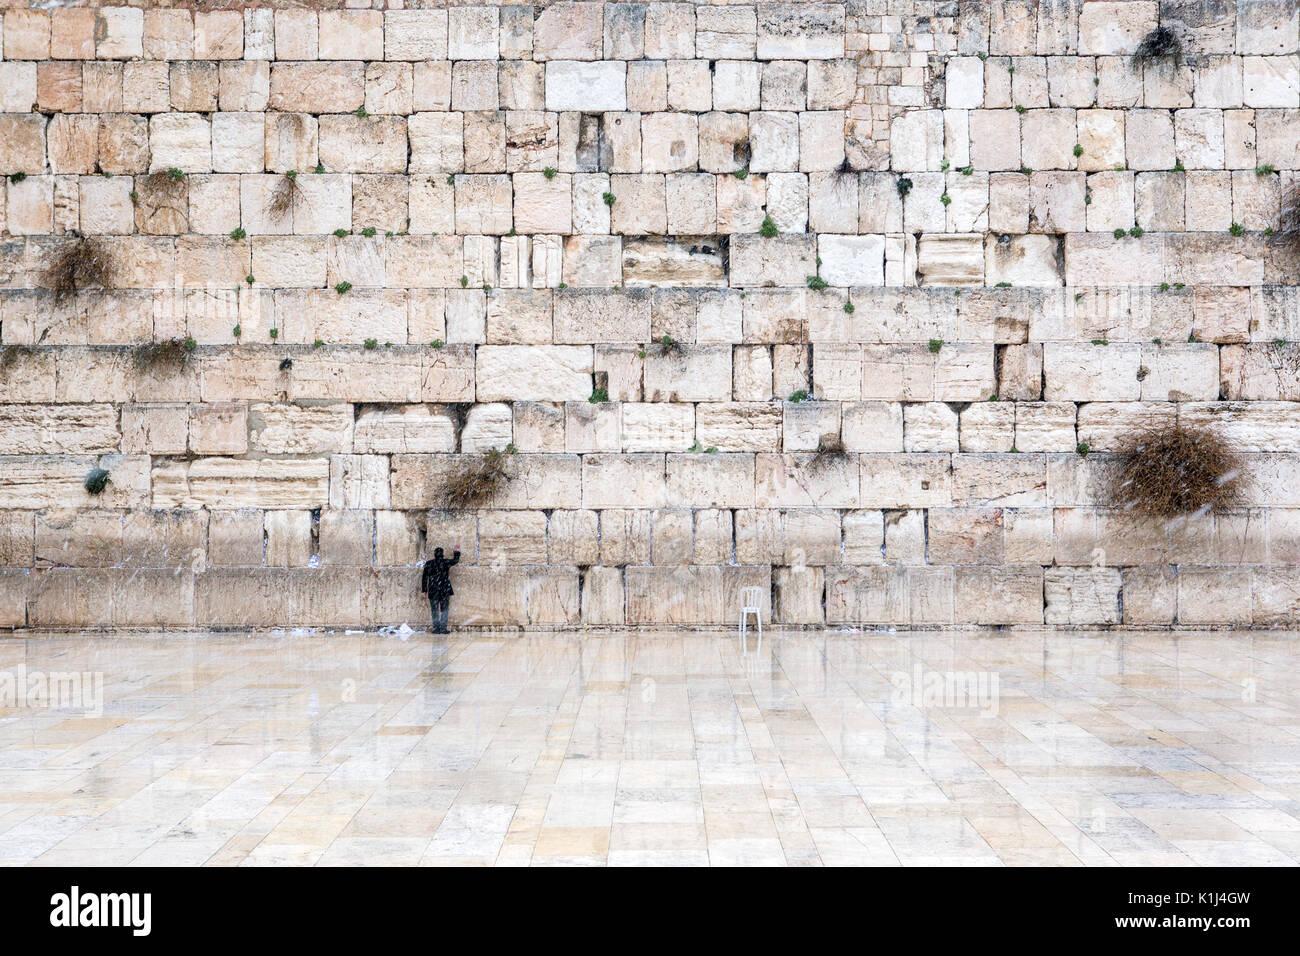 El muro de las Lamentaciones de Jerusalén, vacías de gente durante la nieve Imagen De Stock